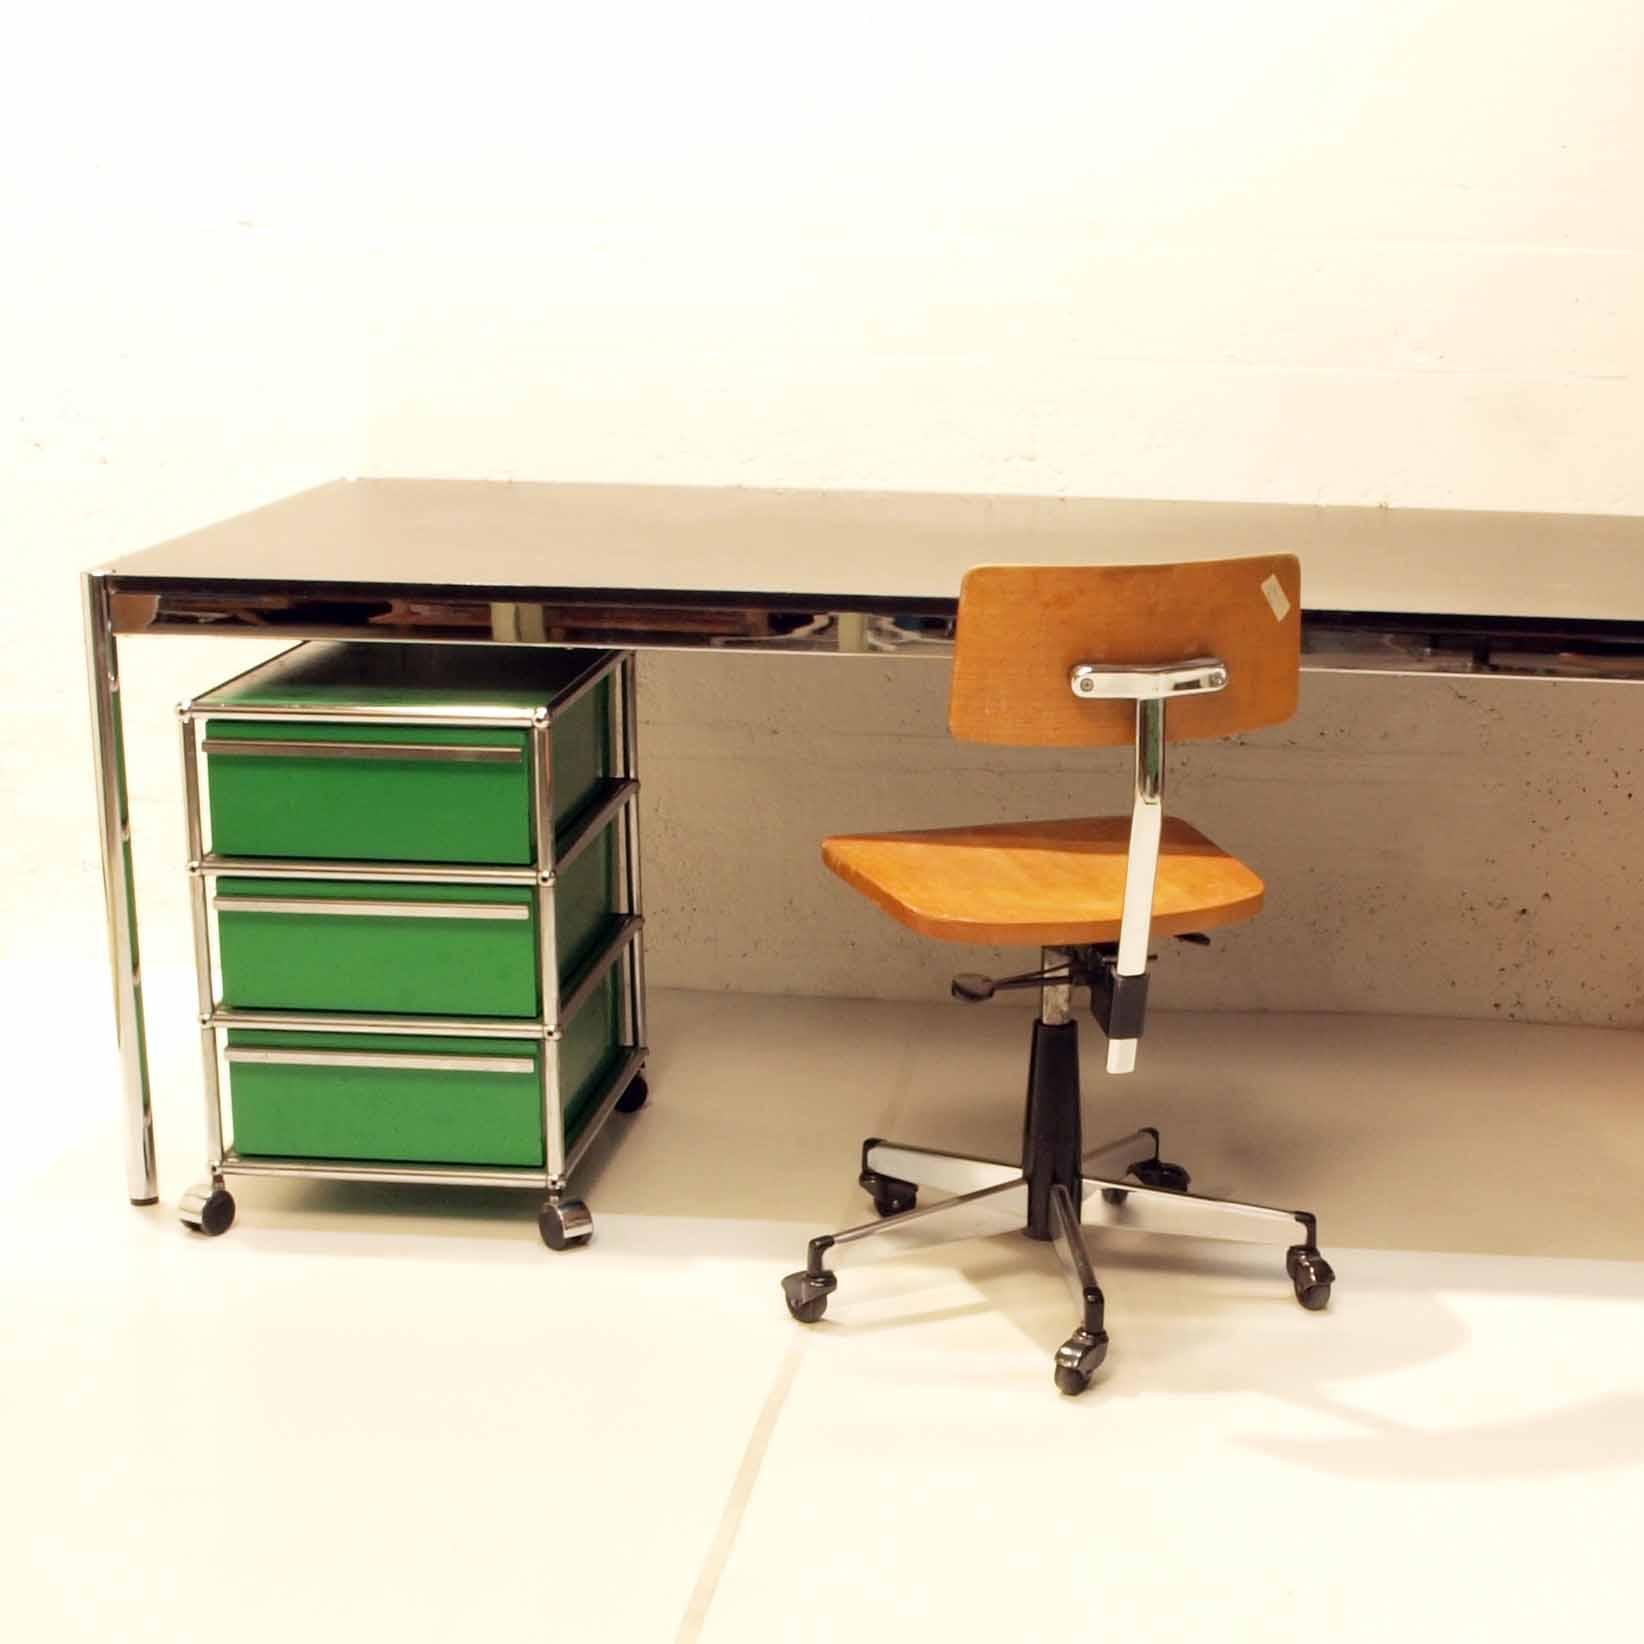 Rollen Möbel giroflex bürostuhl buche au rollen möbel zürich vintagemöbel